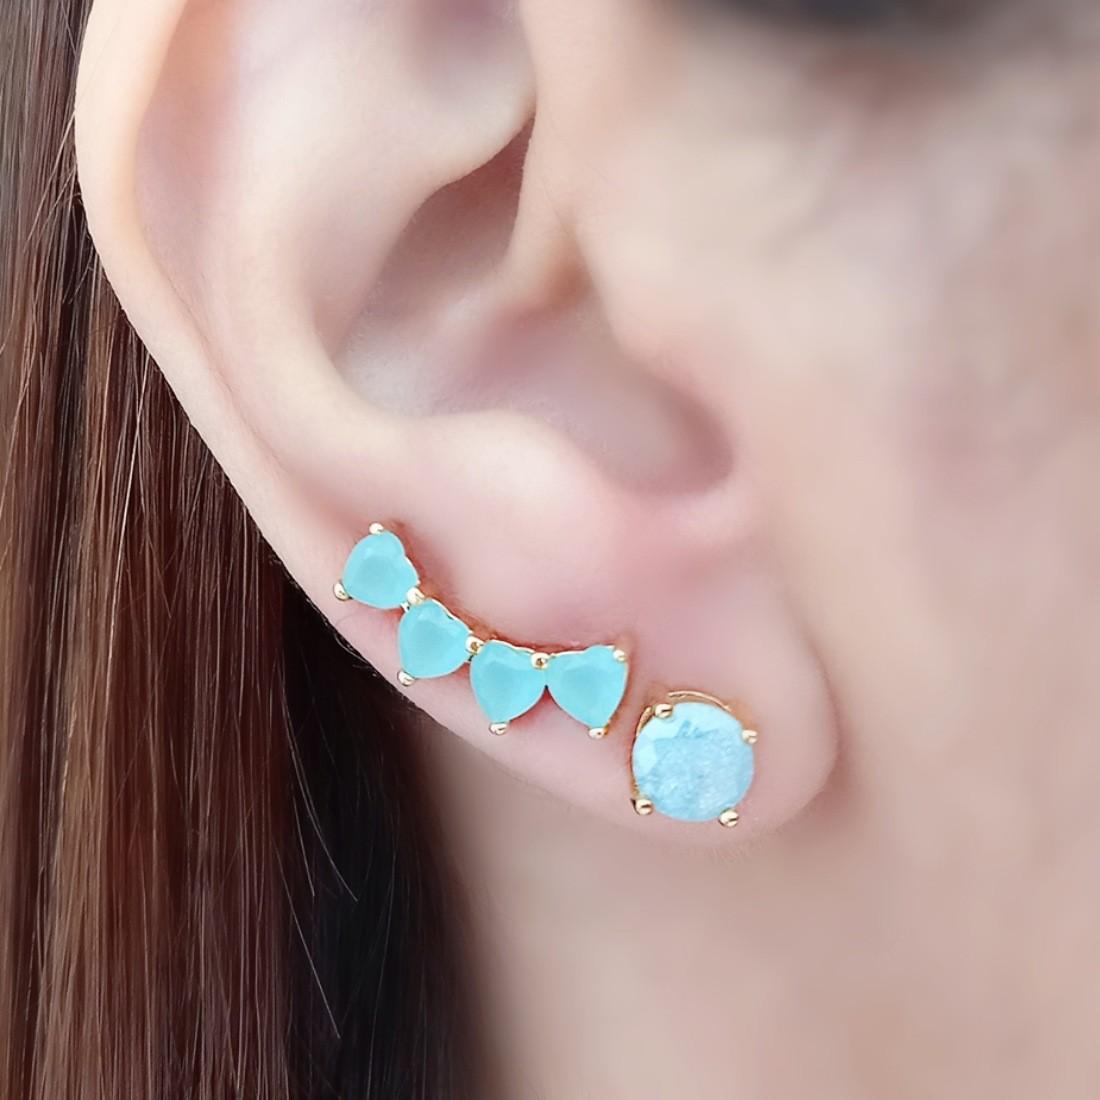 Ear Cuff Turmalina Mini Corações Semijoia em Ouro 18K  - Soloyou